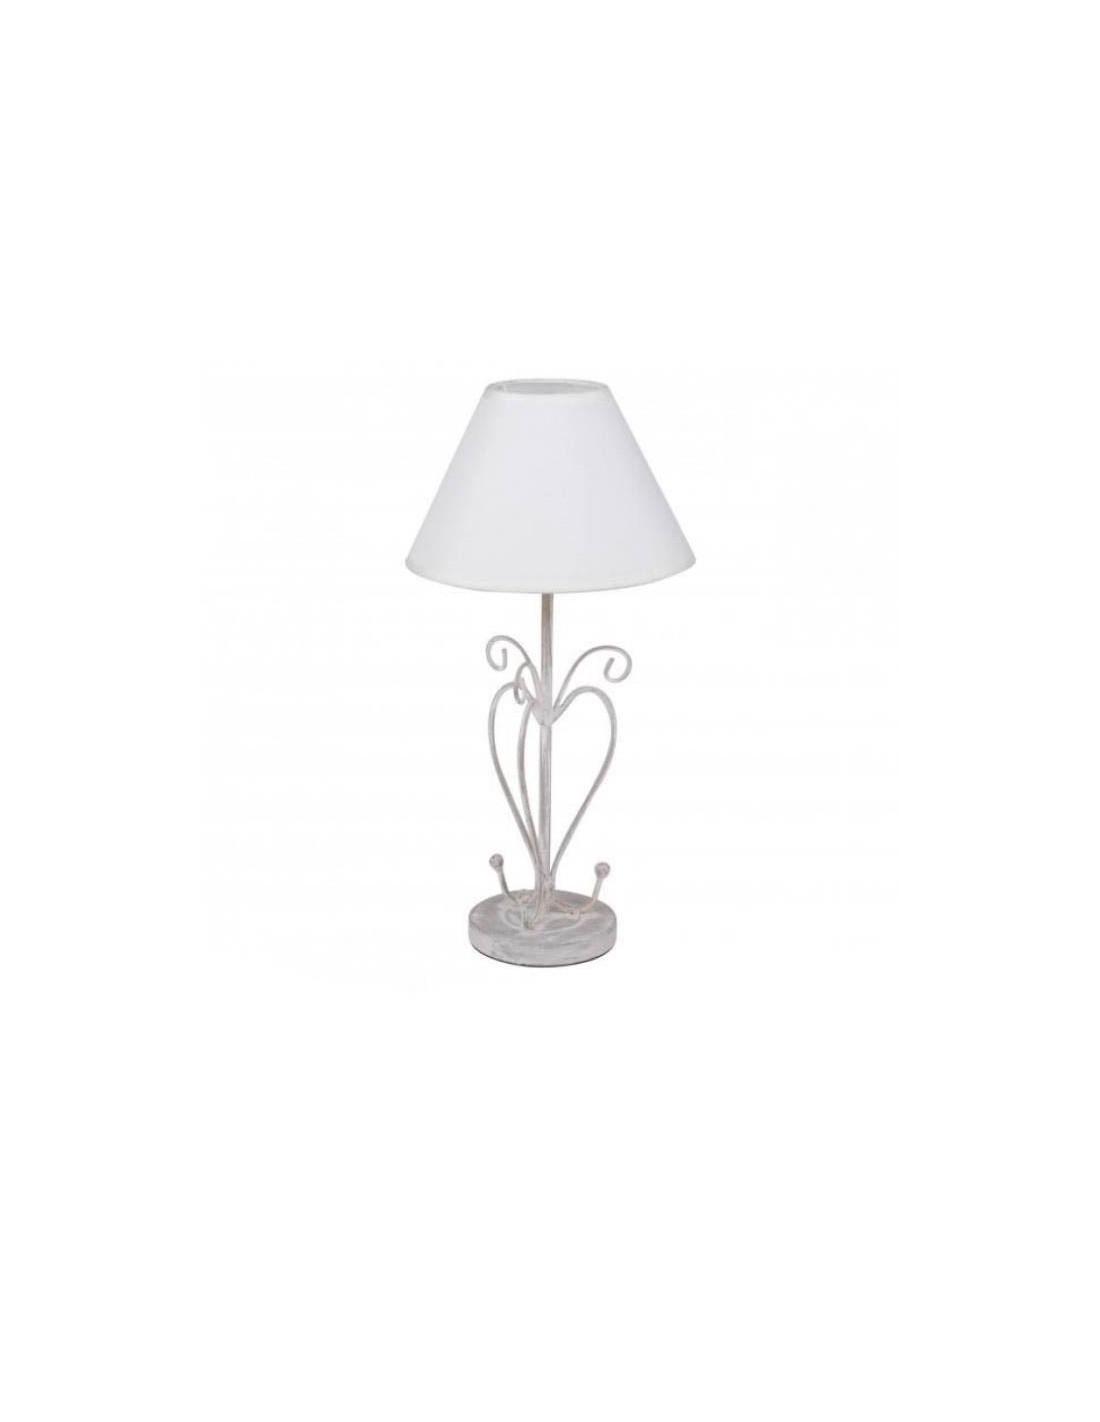 Monter Une Lampe De Chevet fornord lampe de chevet cœur métal h.43 cm